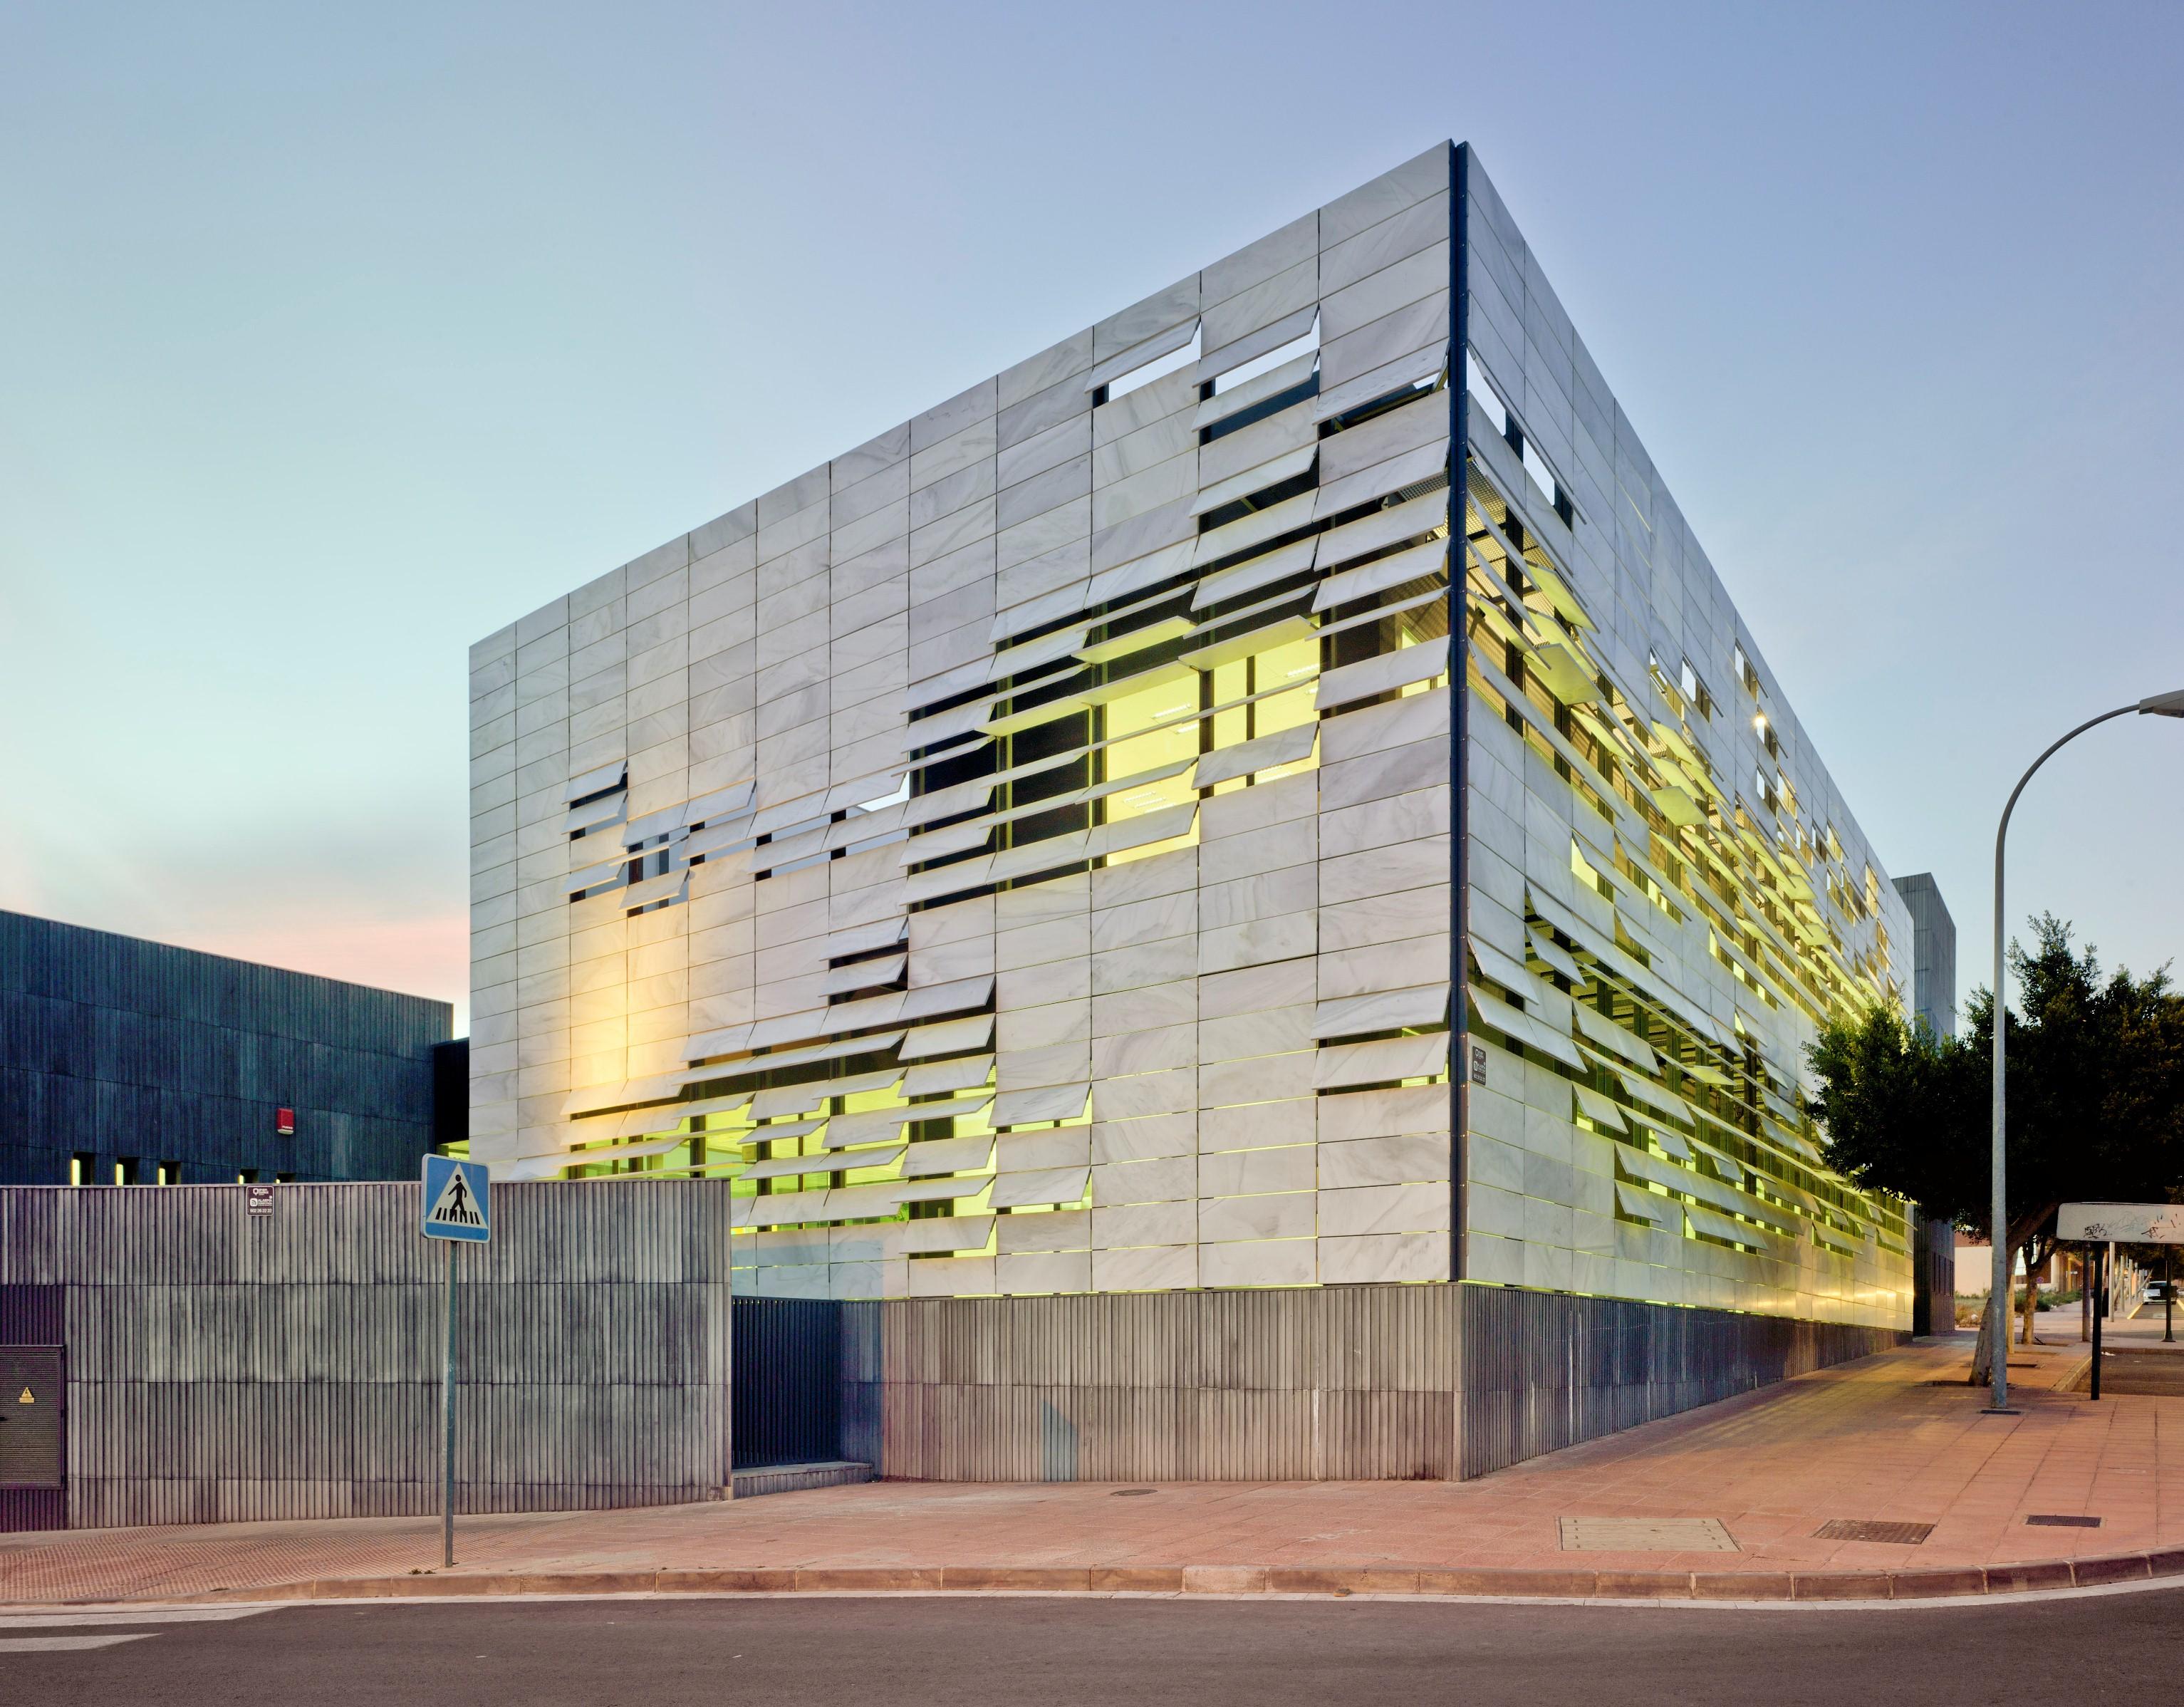 Centro de sa de almeria espanha for Plataforma arquitectura